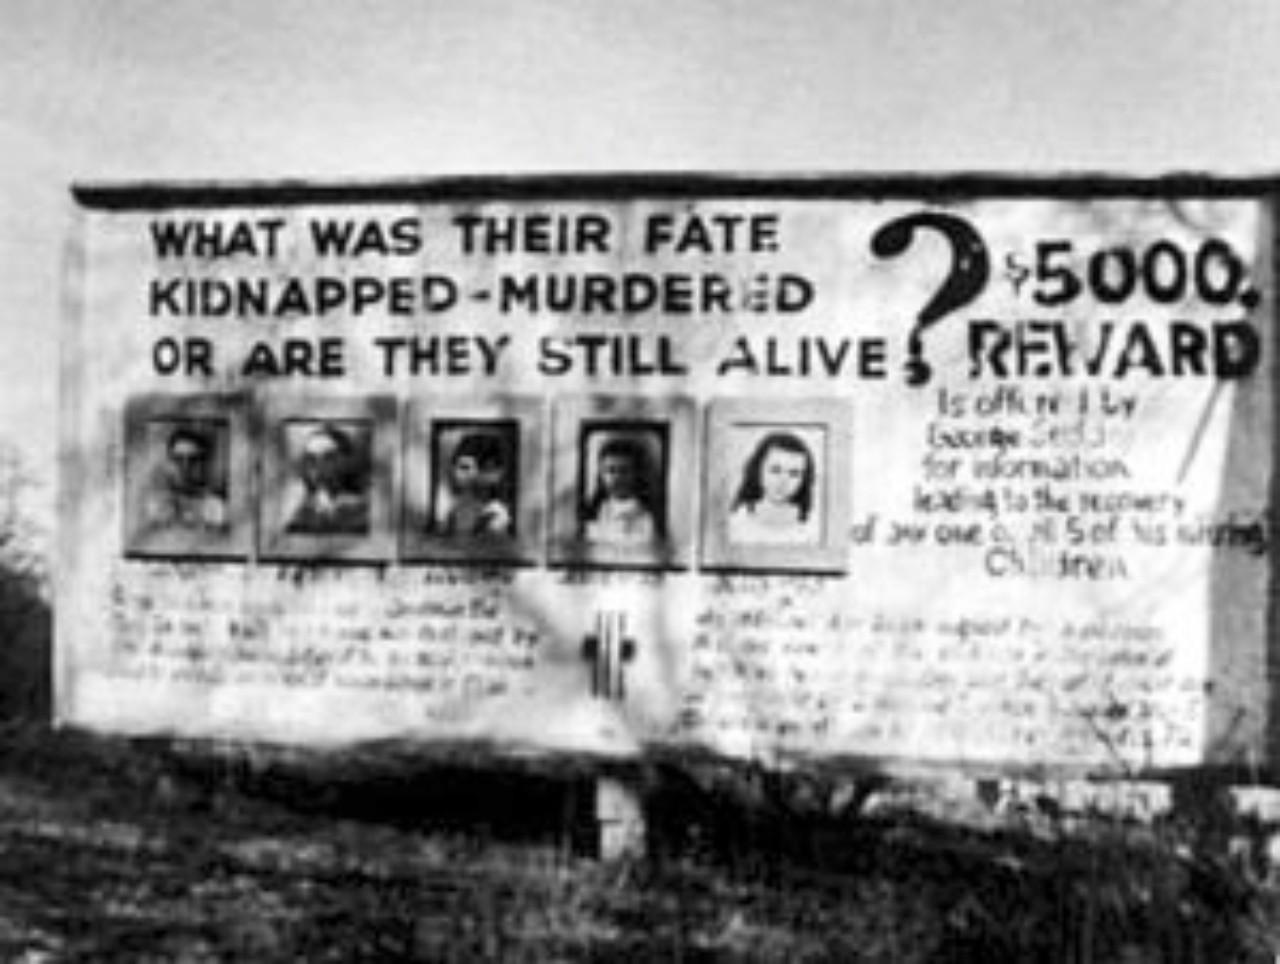 Sodder children billboard